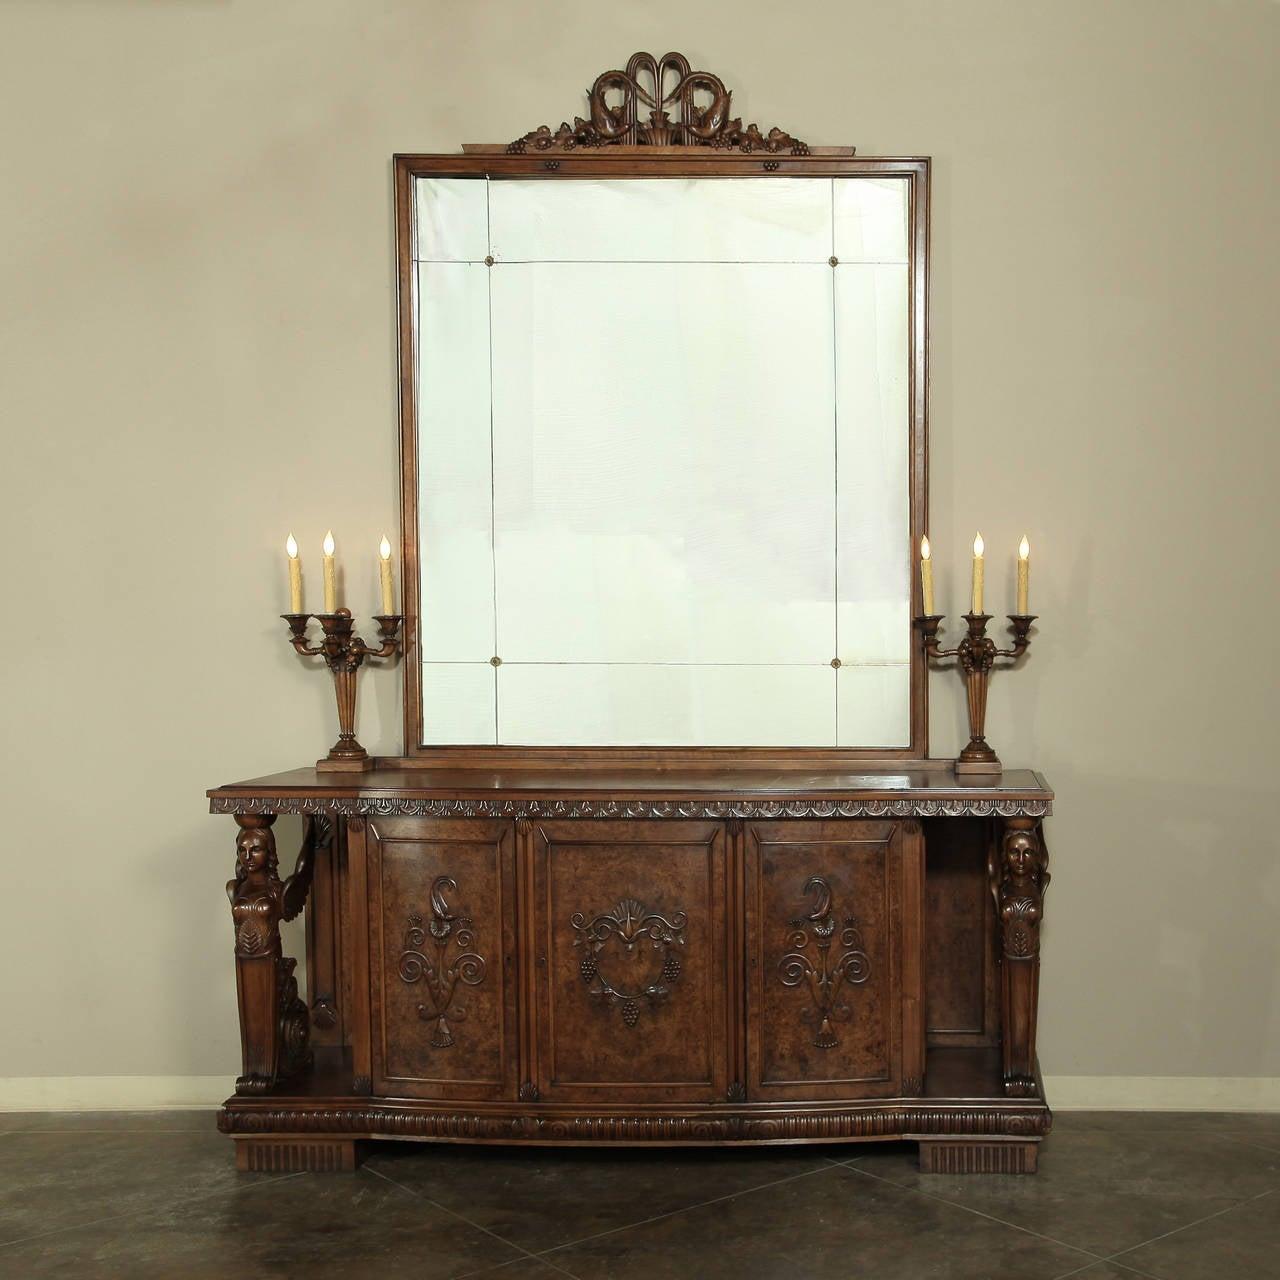 28 antique dining room sets for sale formal dining set for sale vintage neoclassical - Antique dining room set for sale ...